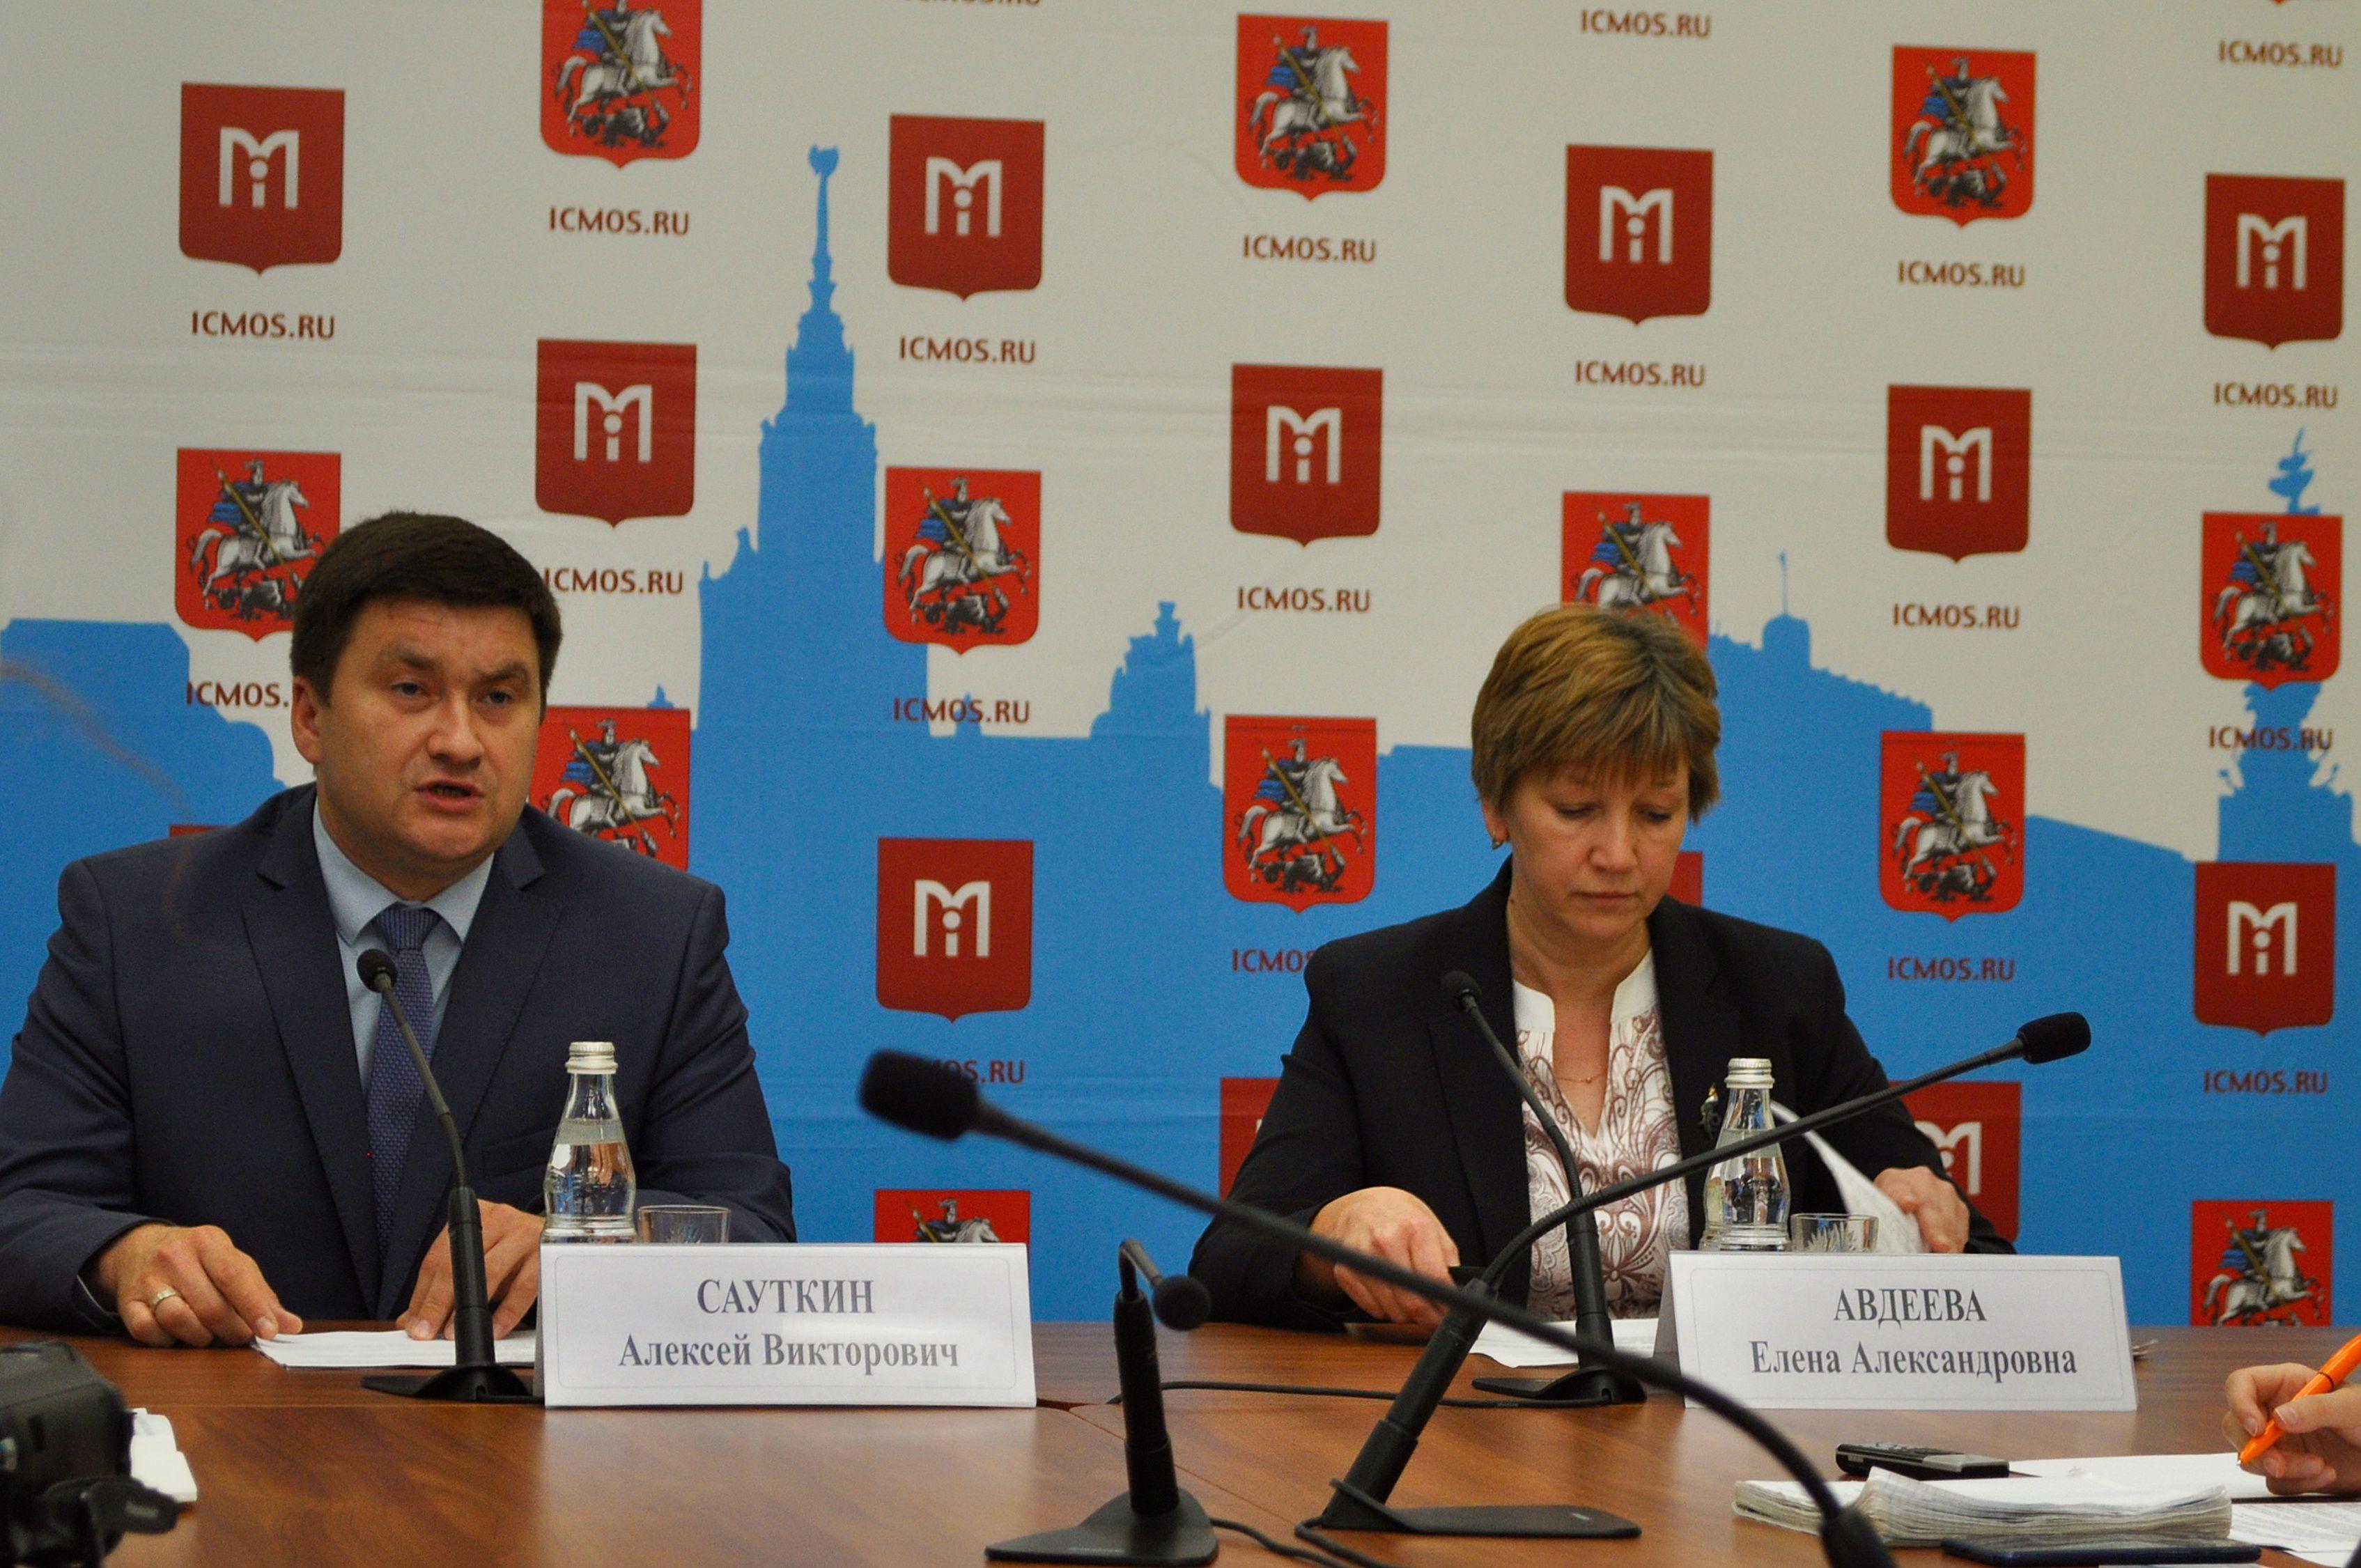 Москвичам рассказали об электронных услугах в областиветеринарии